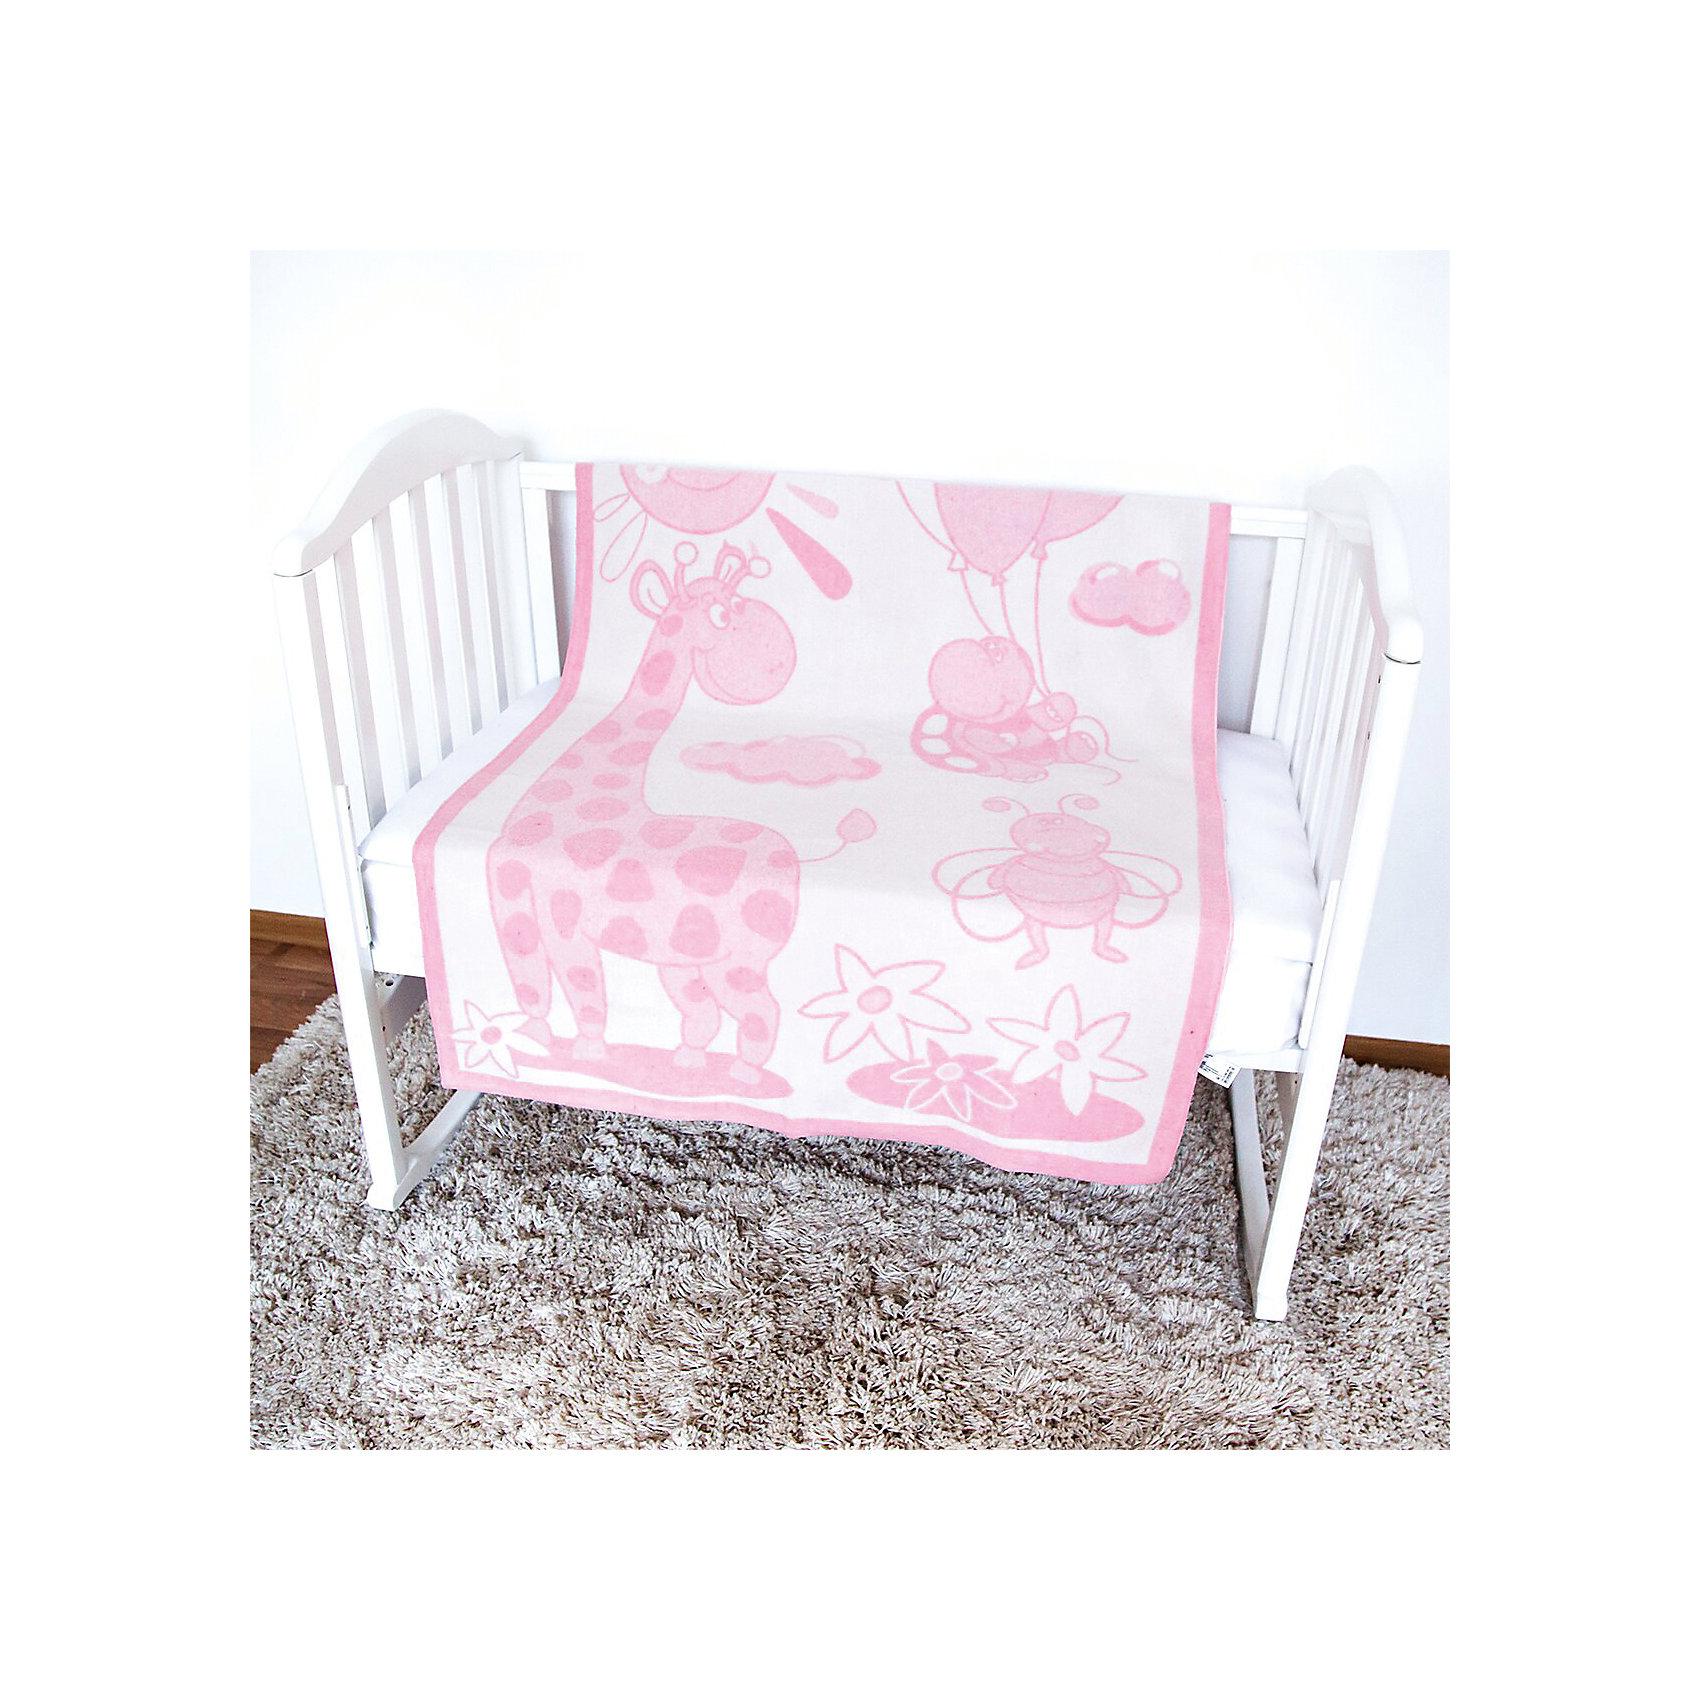 Одеяло байковое Жираф, 100х140, Baby Nice, розовыйПостельные принадлежности для детей должны быть качественными и безопасными. Это одеяло разработано специально для малышей, оно обеспечивает комфорт на всю ночь. Одеяло украшено симпатичным принтом.<br>Одеяло сшито из натурального дышащего хлопка, приятного на ощупь. Он не вызывает аллергии, что особенно важно для малышей. Оно обеспечит хорошую терморегуляцию, а значит - крепкий сон. Одеяло сделано из высококачественных материалов, безопасных для ребенка.<br><br>Дополнительная информация:<br><br>цвет: розовый;<br>материал: хлопок, жаккард;<br>принт;<br>размер: 100 х 140 см.<br><br>Одеяло байковое Жираф, 100х140 от компании Baby Nice можно купить в нашем магазине.<br><br>Ширина мм: 230<br>Глубина мм: 250<br>Высота мм: 40<br>Вес г: 500<br>Возраст от месяцев: 0<br>Возраст до месяцев: 36<br>Пол: Унисекс<br>Возраст: Детский<br>SKU: 4941752